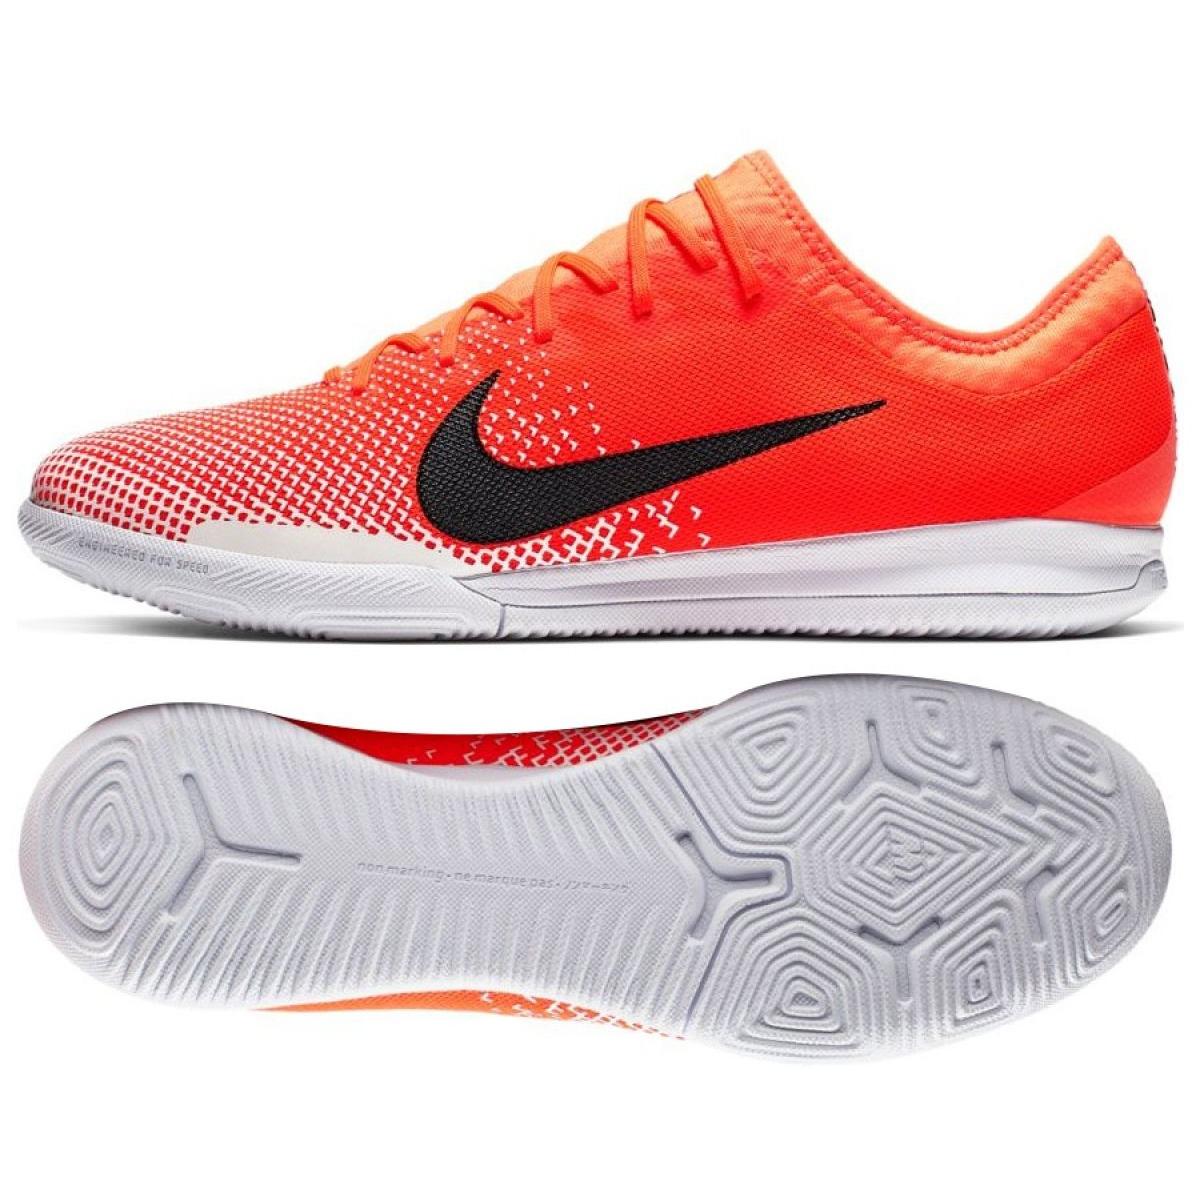 Indoor shoes Nike Mercurial Vapor 12